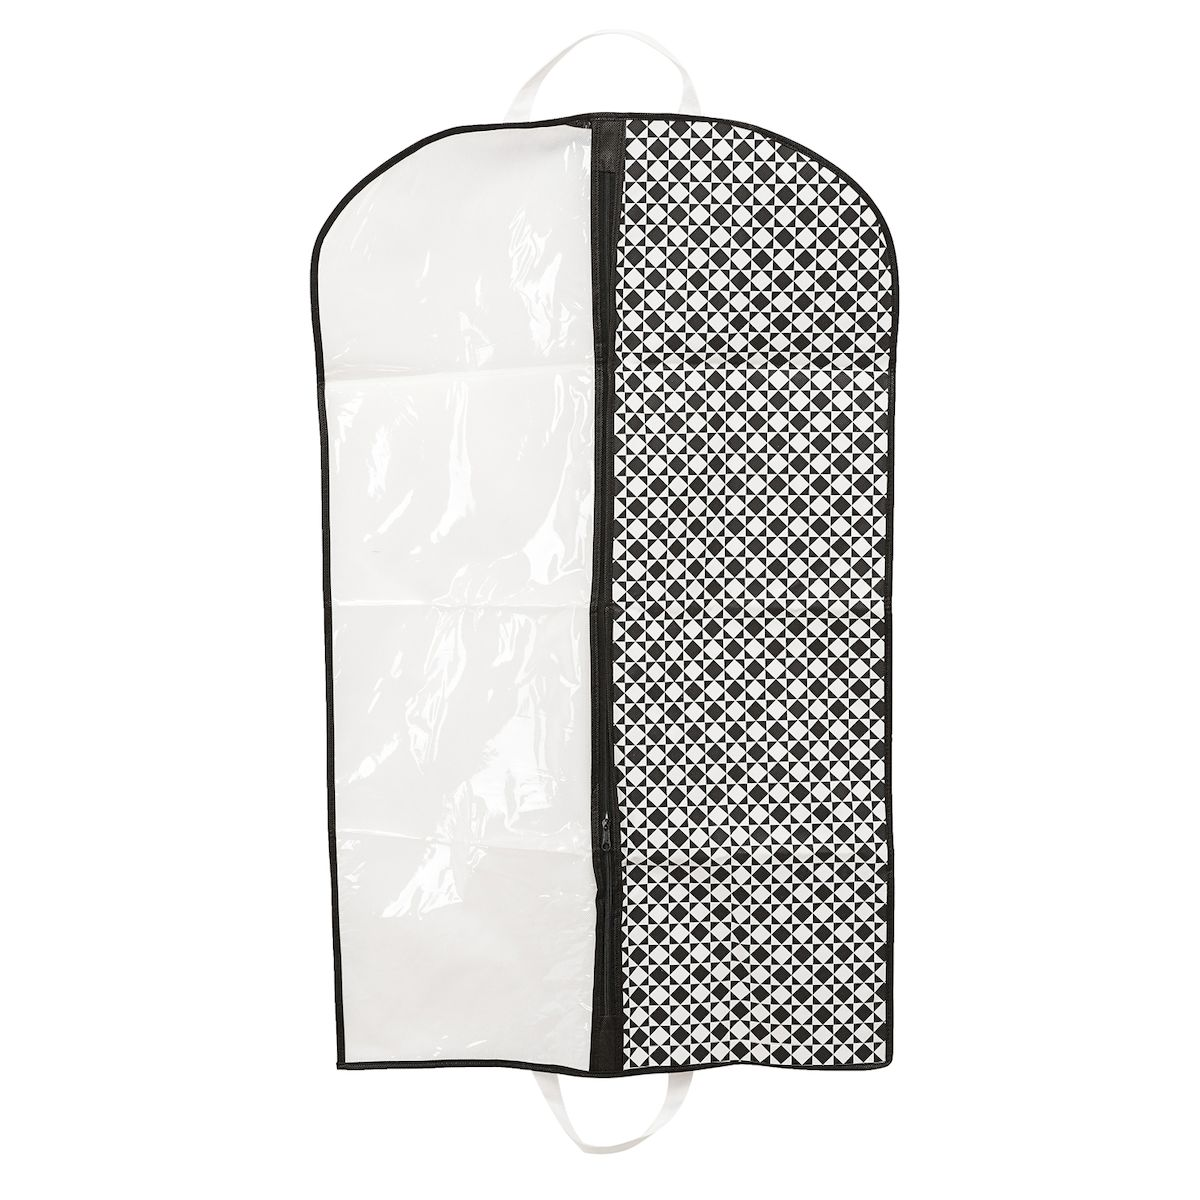 Чехол для одежды Homsu Maestro, подвесной, с прозрачной вставкой, 100 х 60 смHOM-388Подвесной чехол для одежды Homsu Maestro на застежке-молнии выполнен из высококачественного нетканого материала. Чехол снабжен прозрачной вставкой из ПВХ, что позволяет легко просматривать содержимое. Изделие подходит для длительного хранения вещей.Чехол обеспечит вашей одежде надежную защиту от влажности, повреждений и грязи при транспортировке, от запыления при хранении и проникновения моли. Чехол позволяет воздуху свободно поступать внутрь вещей, обеспечивая их кондиционирование. Это особенно важно при хранении кожаных и меховых изделий.Чехол для одежды Homsu Maestro создаст уютную атмосферу в гардеробе. Лаконичный дизайн придется по вкусу ценительницам эстетичного хранения и сделают вашу гардеробную изысканной и невероятно стильной.Размер чехла: 100 х 60 см.